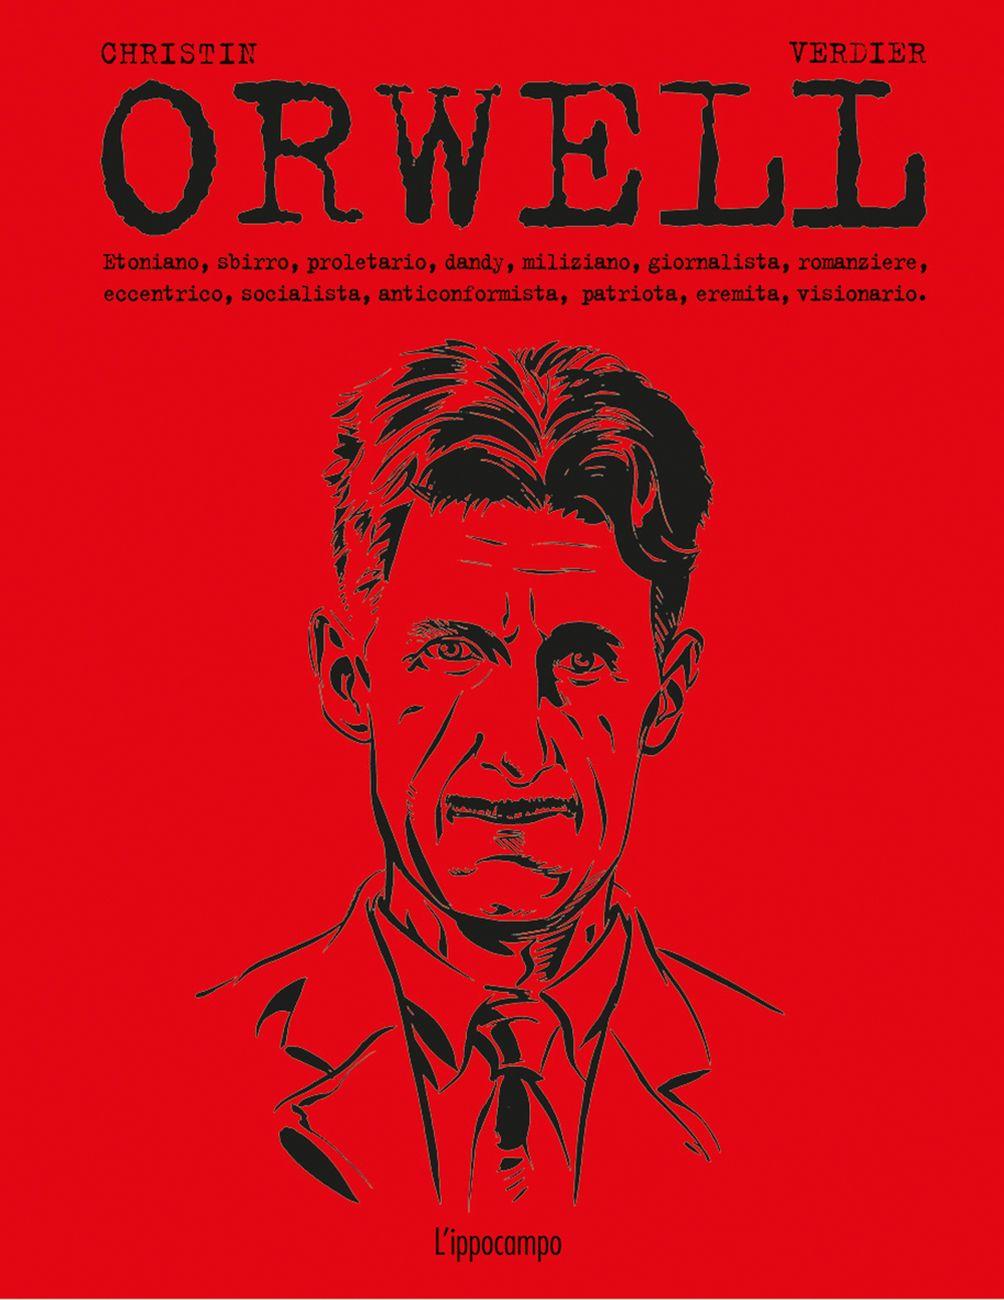 Pierre Christin & Sébastien Verdier – Orwell (L'Ippocampo, Milano 2020) _cover